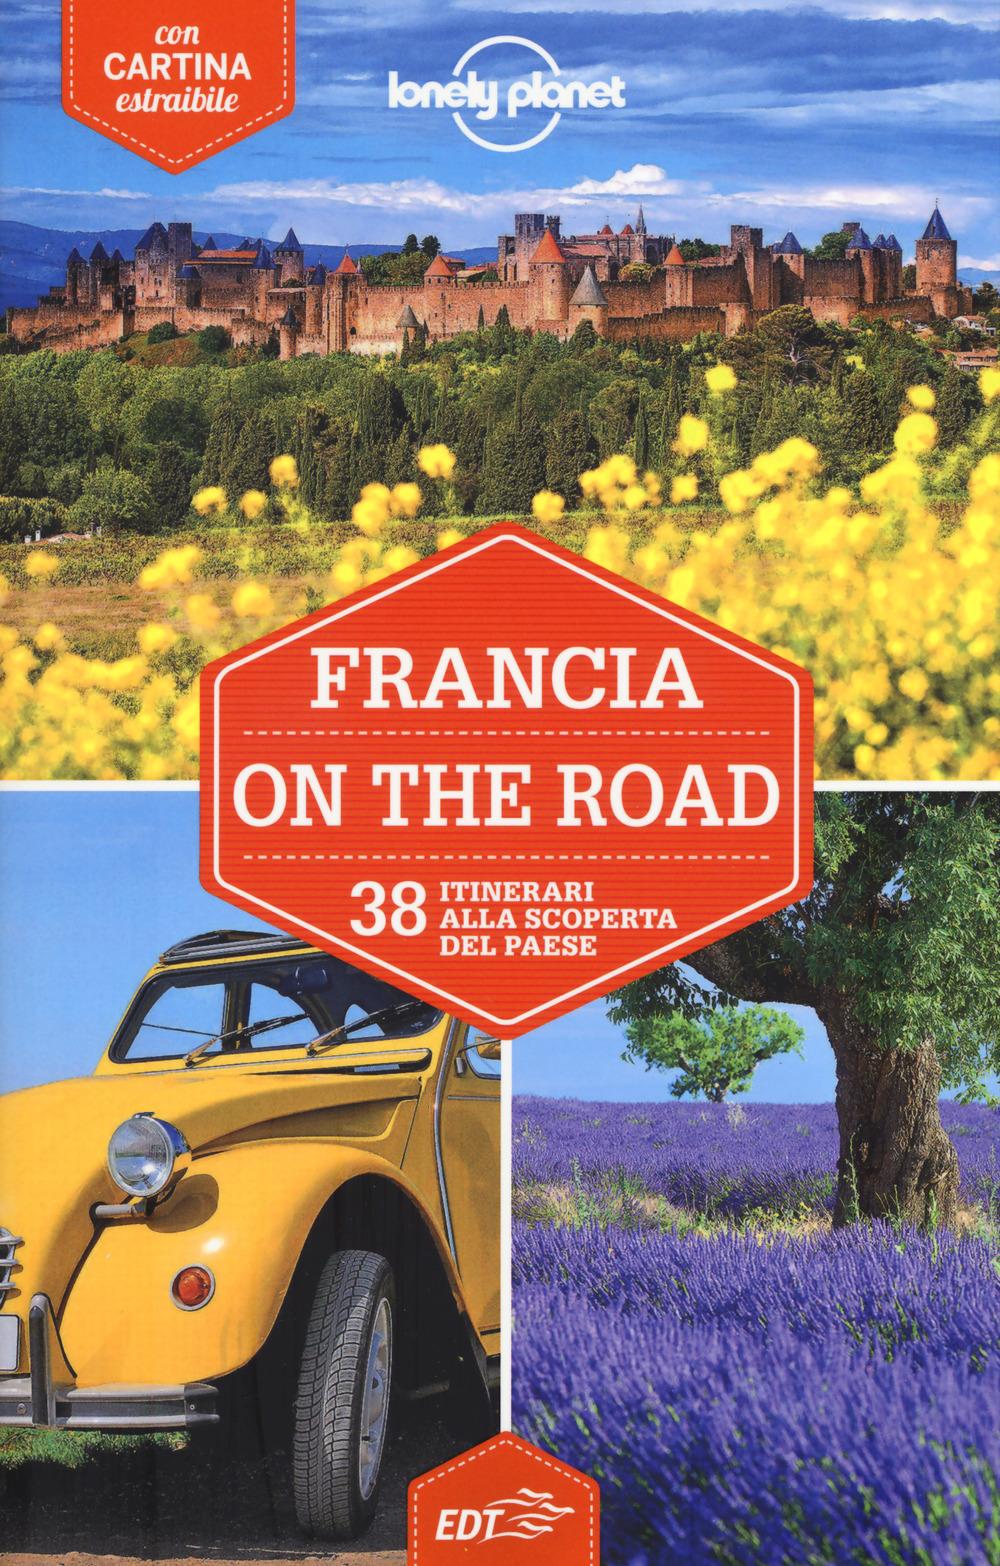 FRANCIA ON THE ROAD. 38 ITINERARI ALLA SCOPERTA DEL PAESE. CON CARTA ESTRAIBILE - 9788859238553